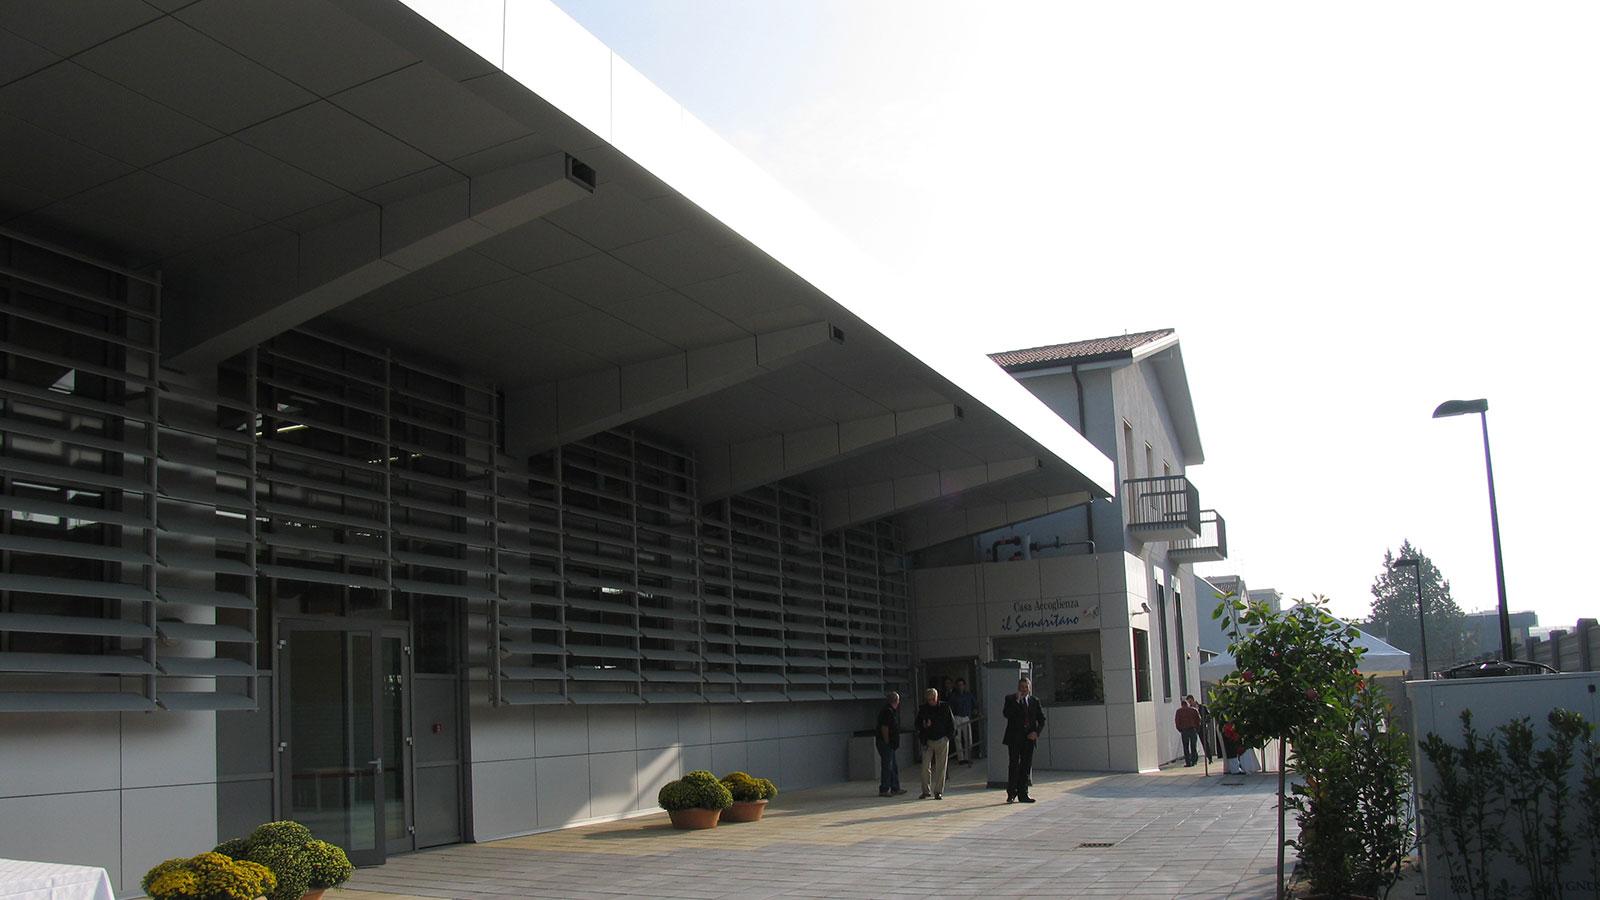 Ridistribuzione interna ed adeguamento igienico sanitario di un edificio adibito a pronta accoglienza per lavoratori e persone bisognose sito in Via Silvestrini a Verona